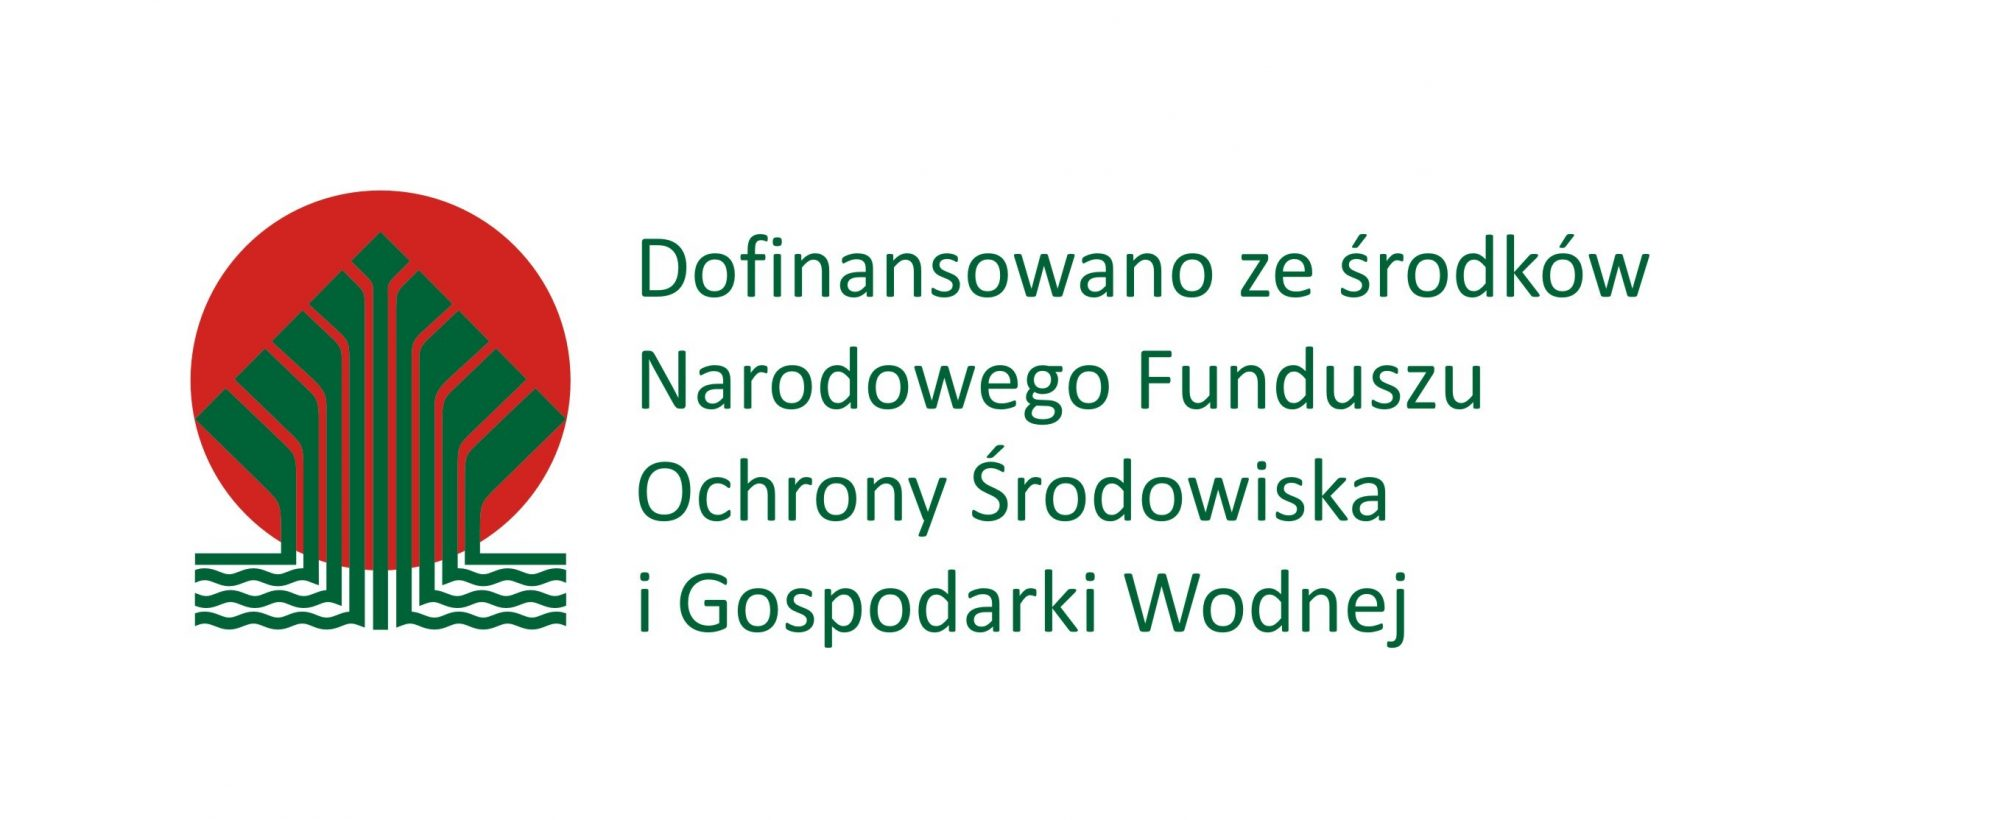 logo: Dofinansowano ze środków Narodowego Funduszu Ochrony Środowiska i Gospodarki Wodnej